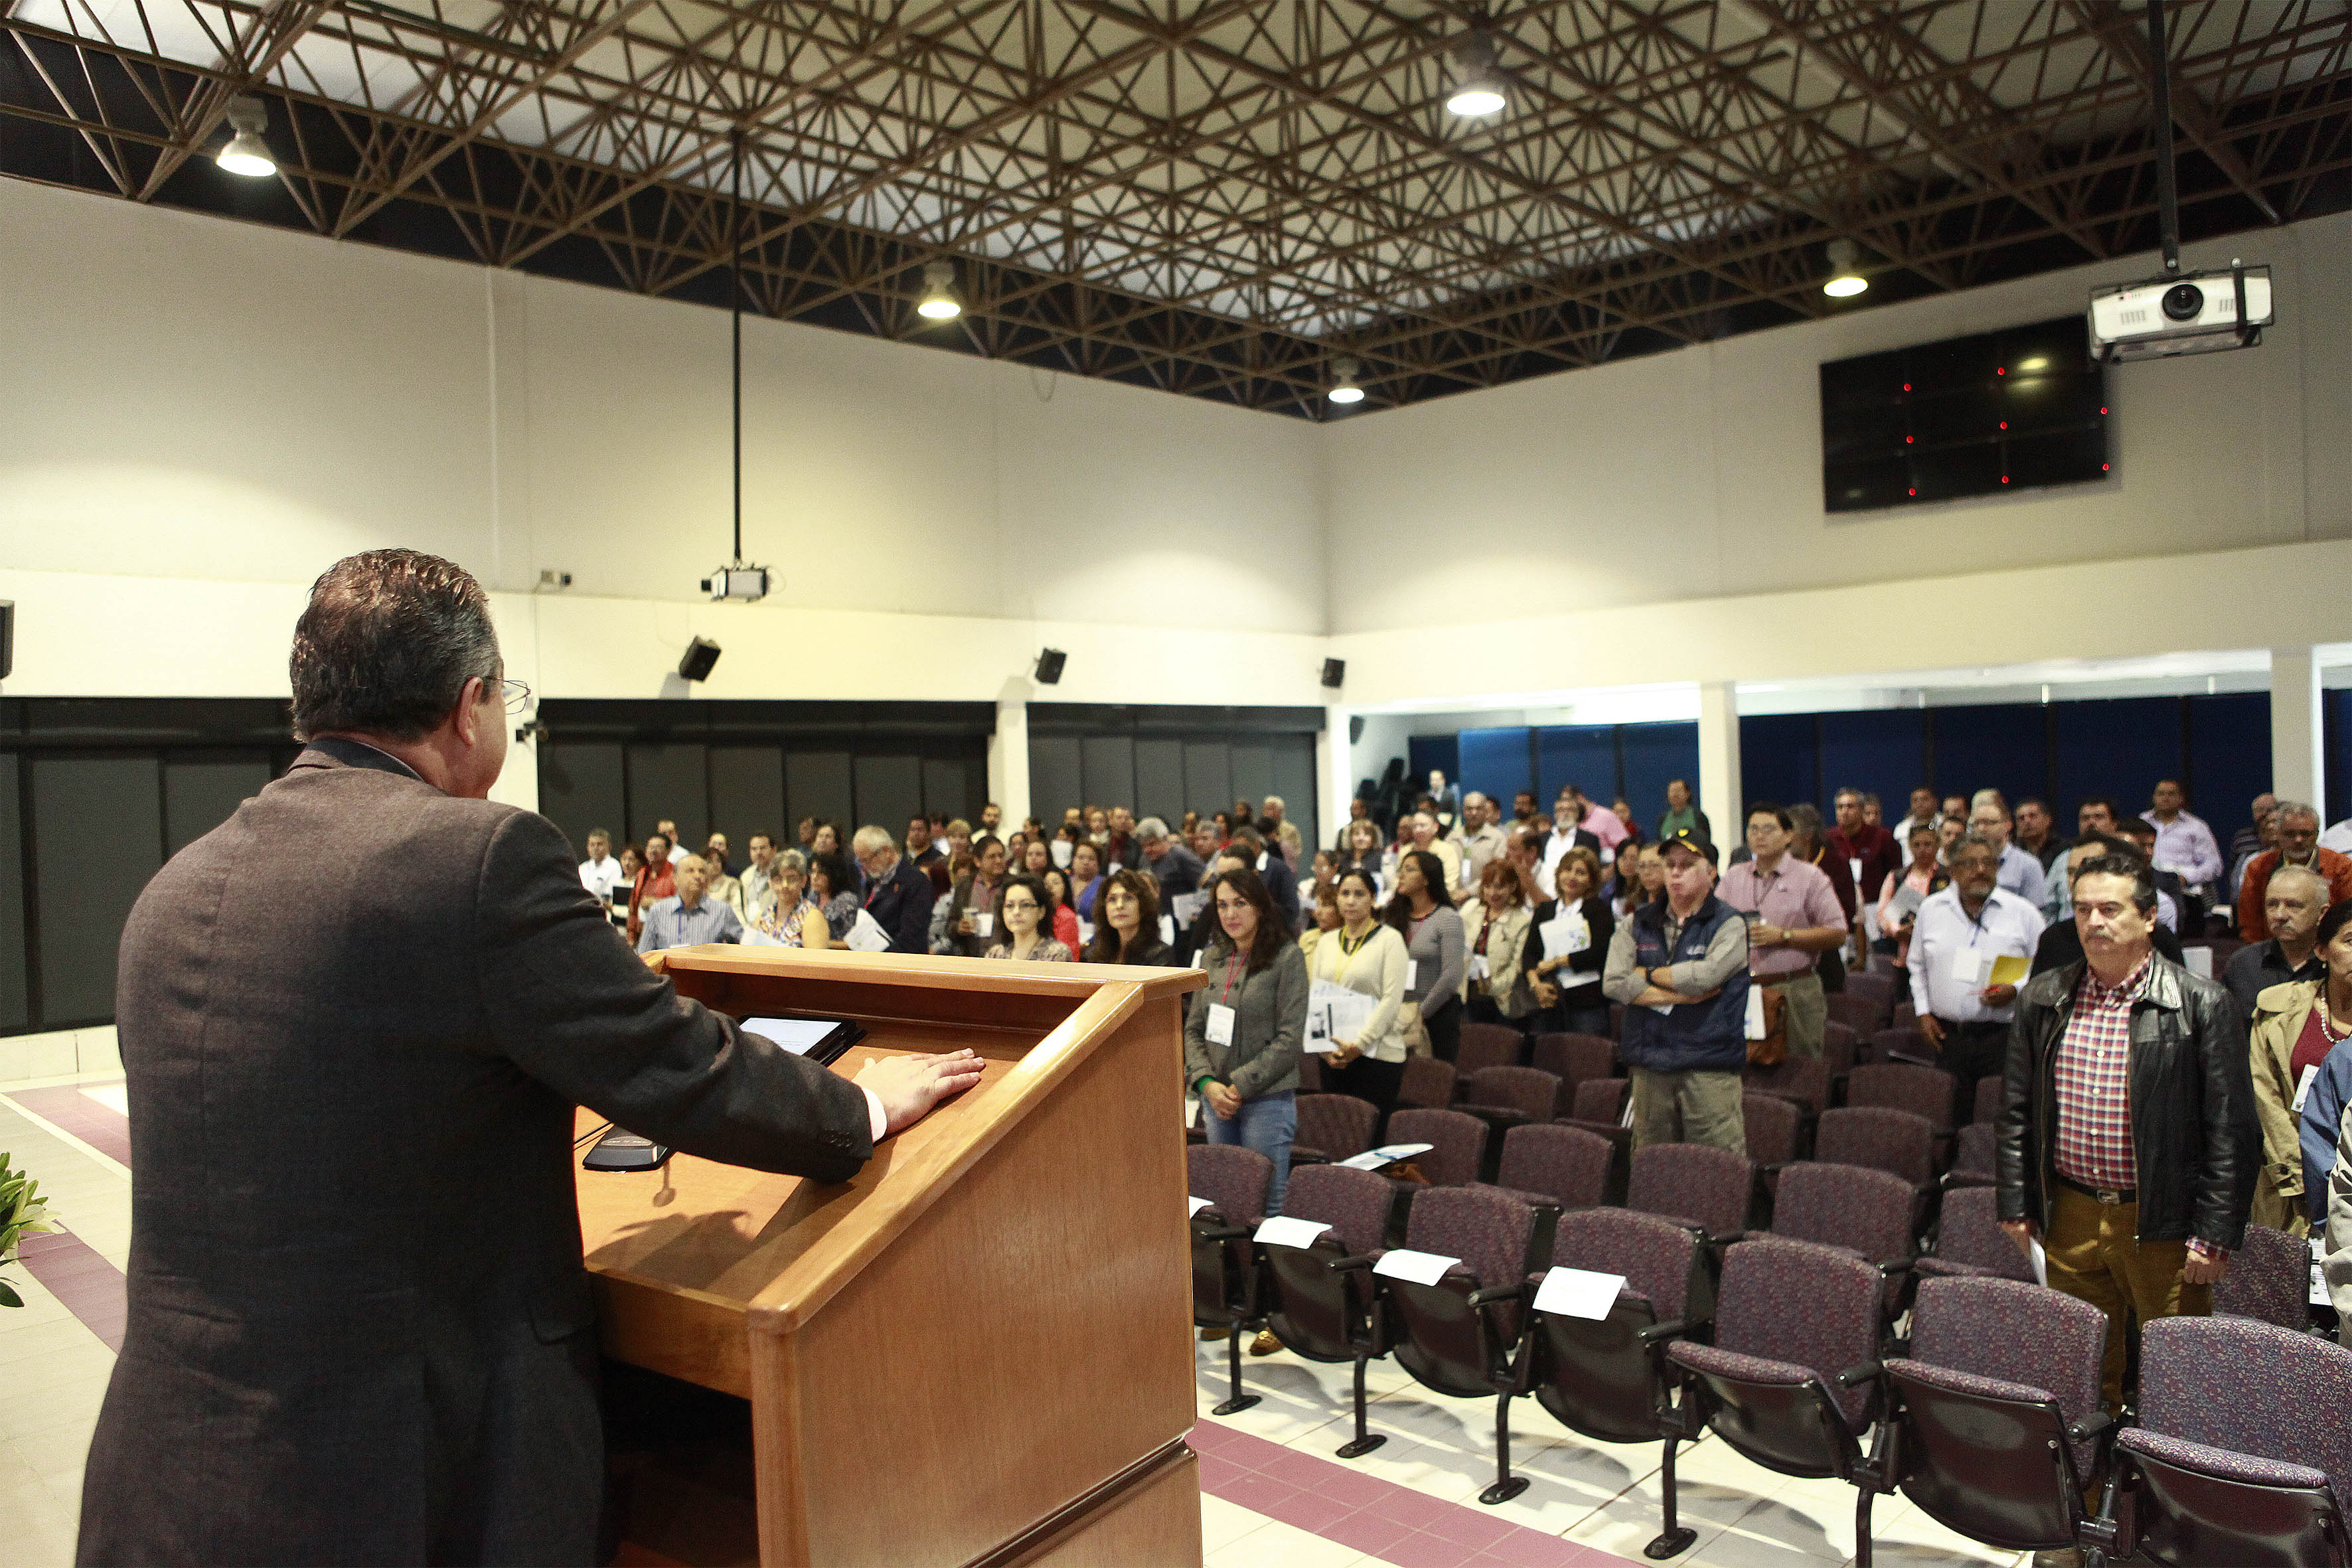 Rector del centro, doctor Carlos Beas Zárate  y publico asistente en el  acto inaugural del primer foro de investigación CUCBA